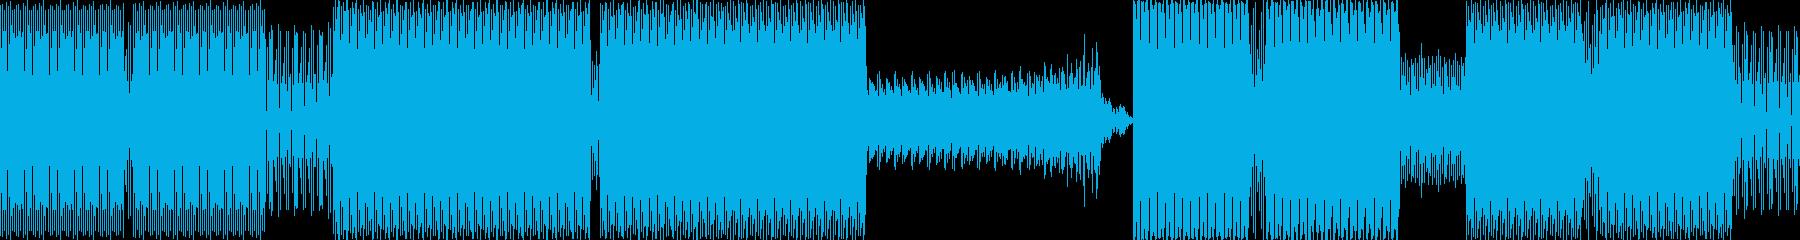 ディープ・ハウス。ダンス-ハウス-...の再生済みの波形